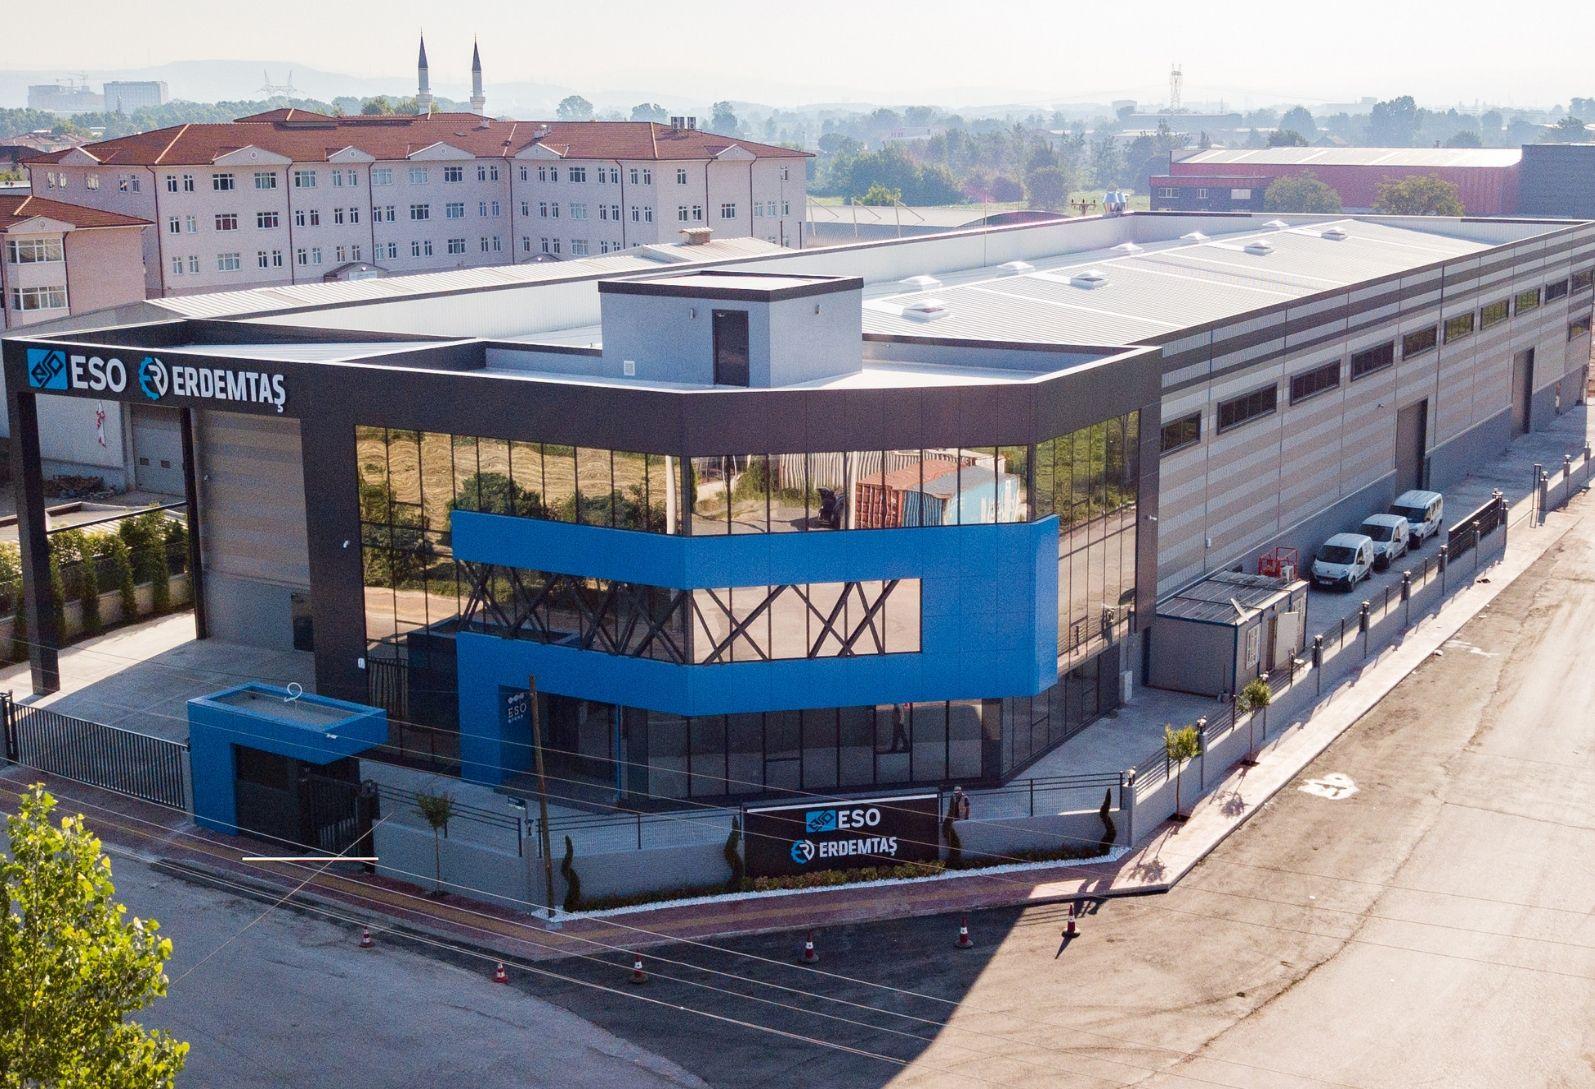 Erdemtaş Makine Yeni Fabrika Binasına Taşındı